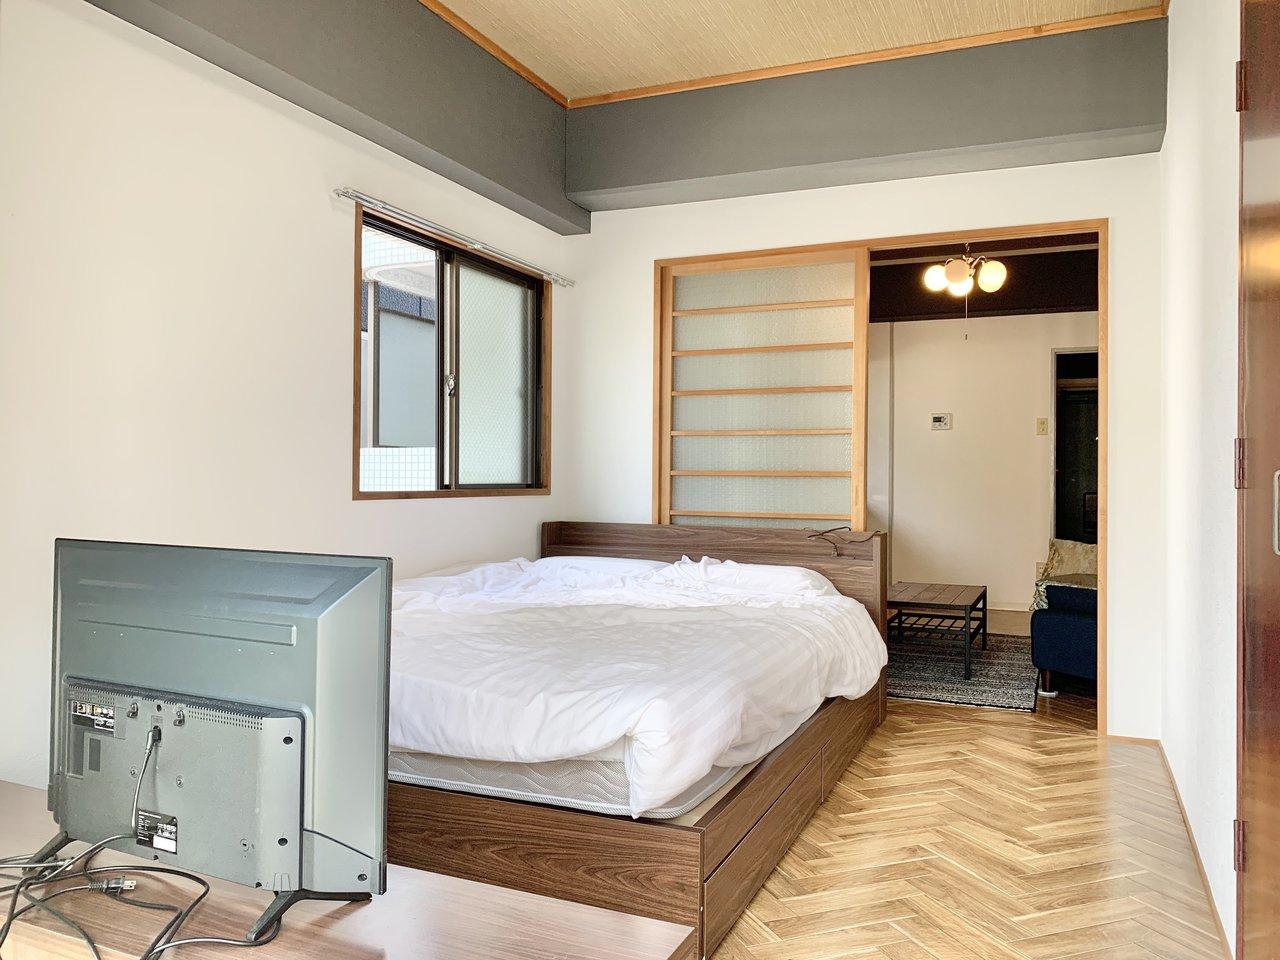 しっかりリノベされた角部屋の1DK。床はおしゃれなヘリンボーン柄です。